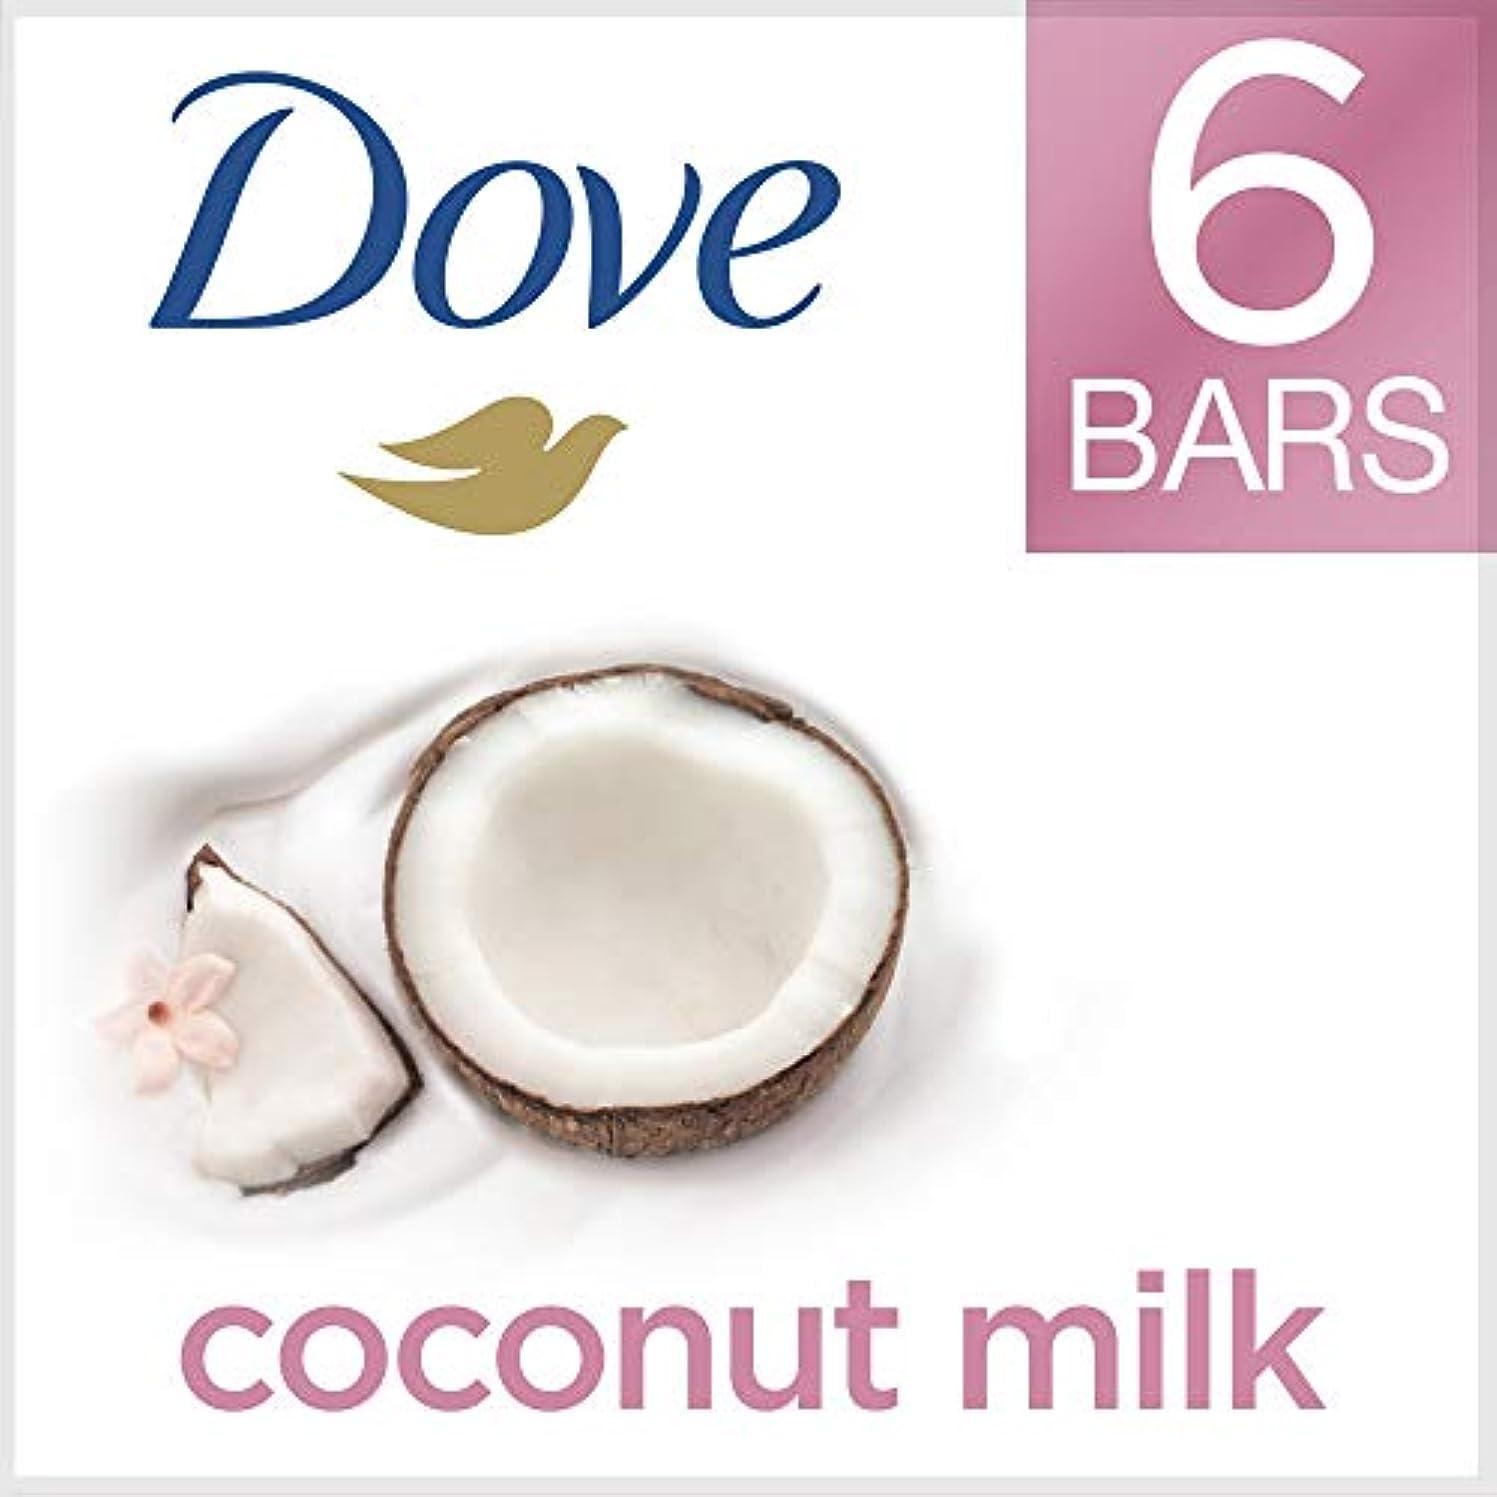 すばらしいです懲戒分配しますDove ビューティーバー、ココナッツミルク、4オンス、6バー